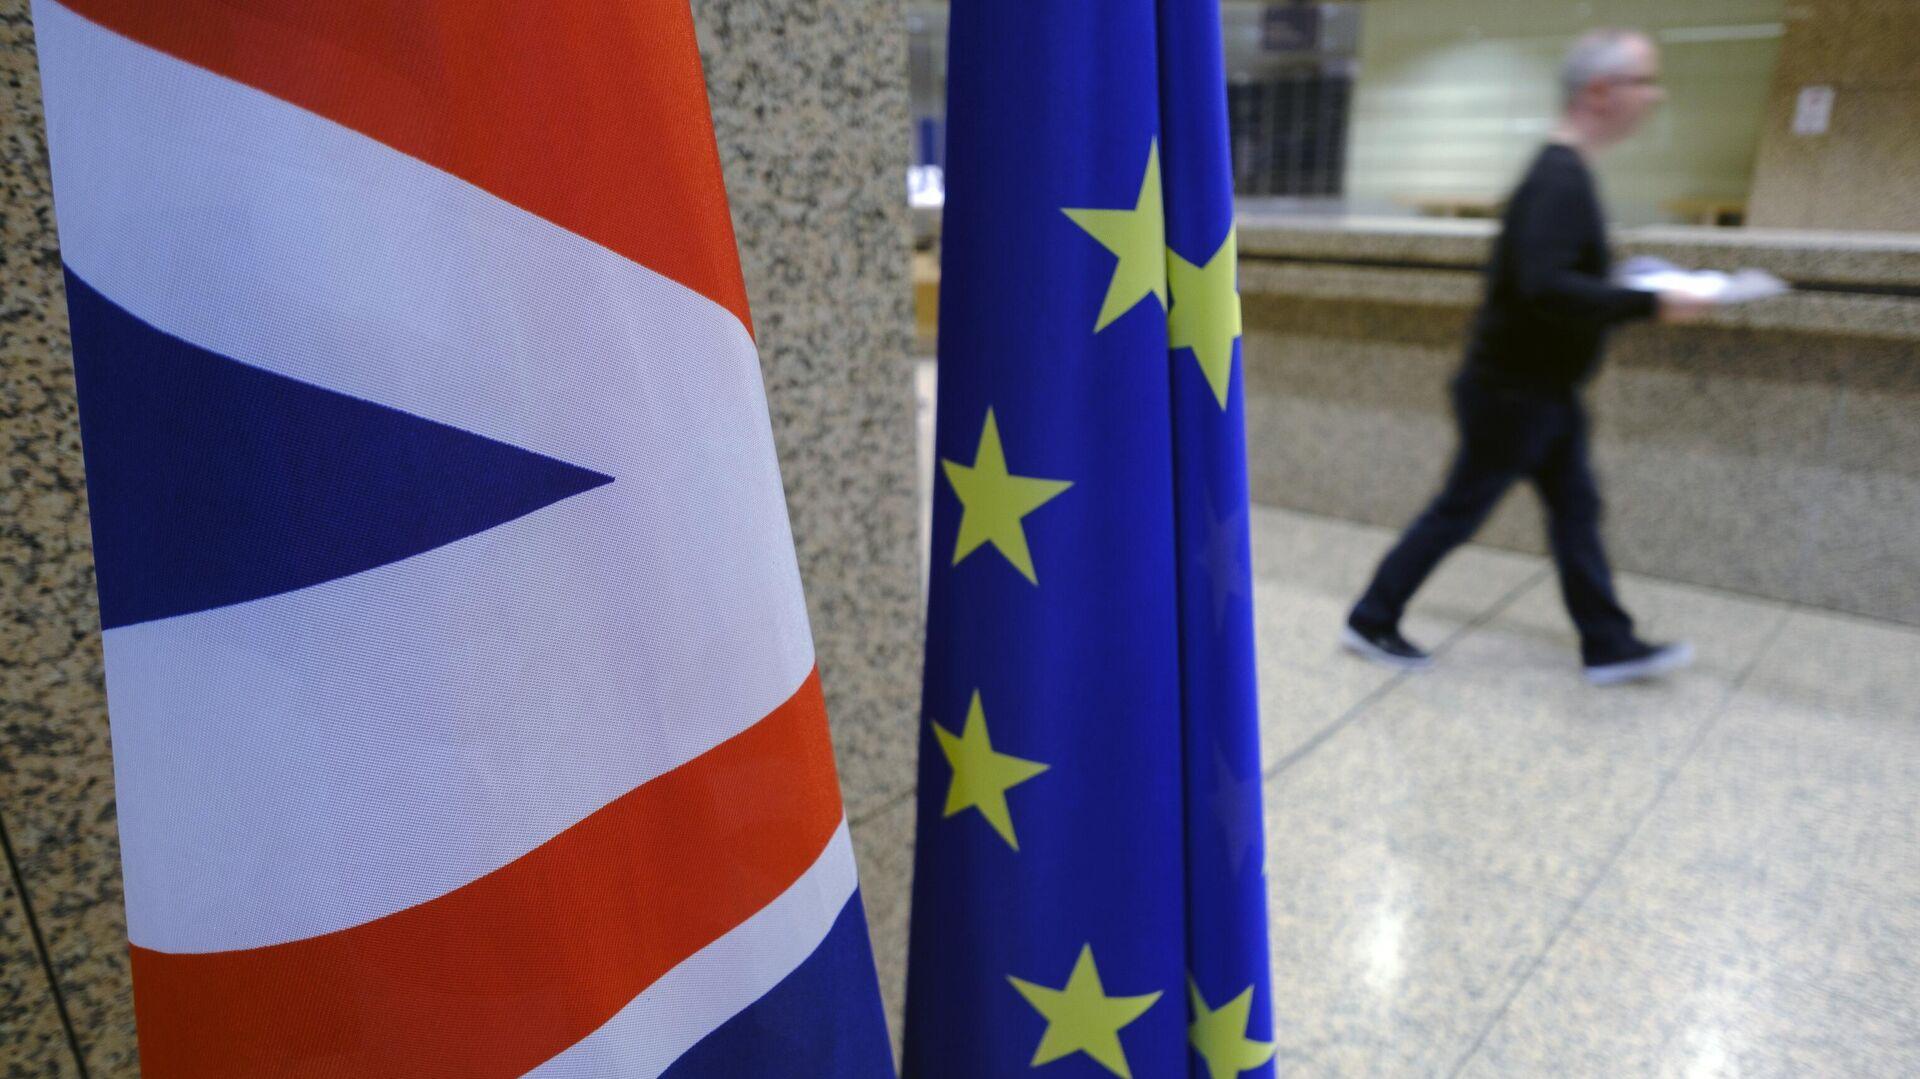 МИД прокомментировал торговую сделку между Евросоюзом и Британией